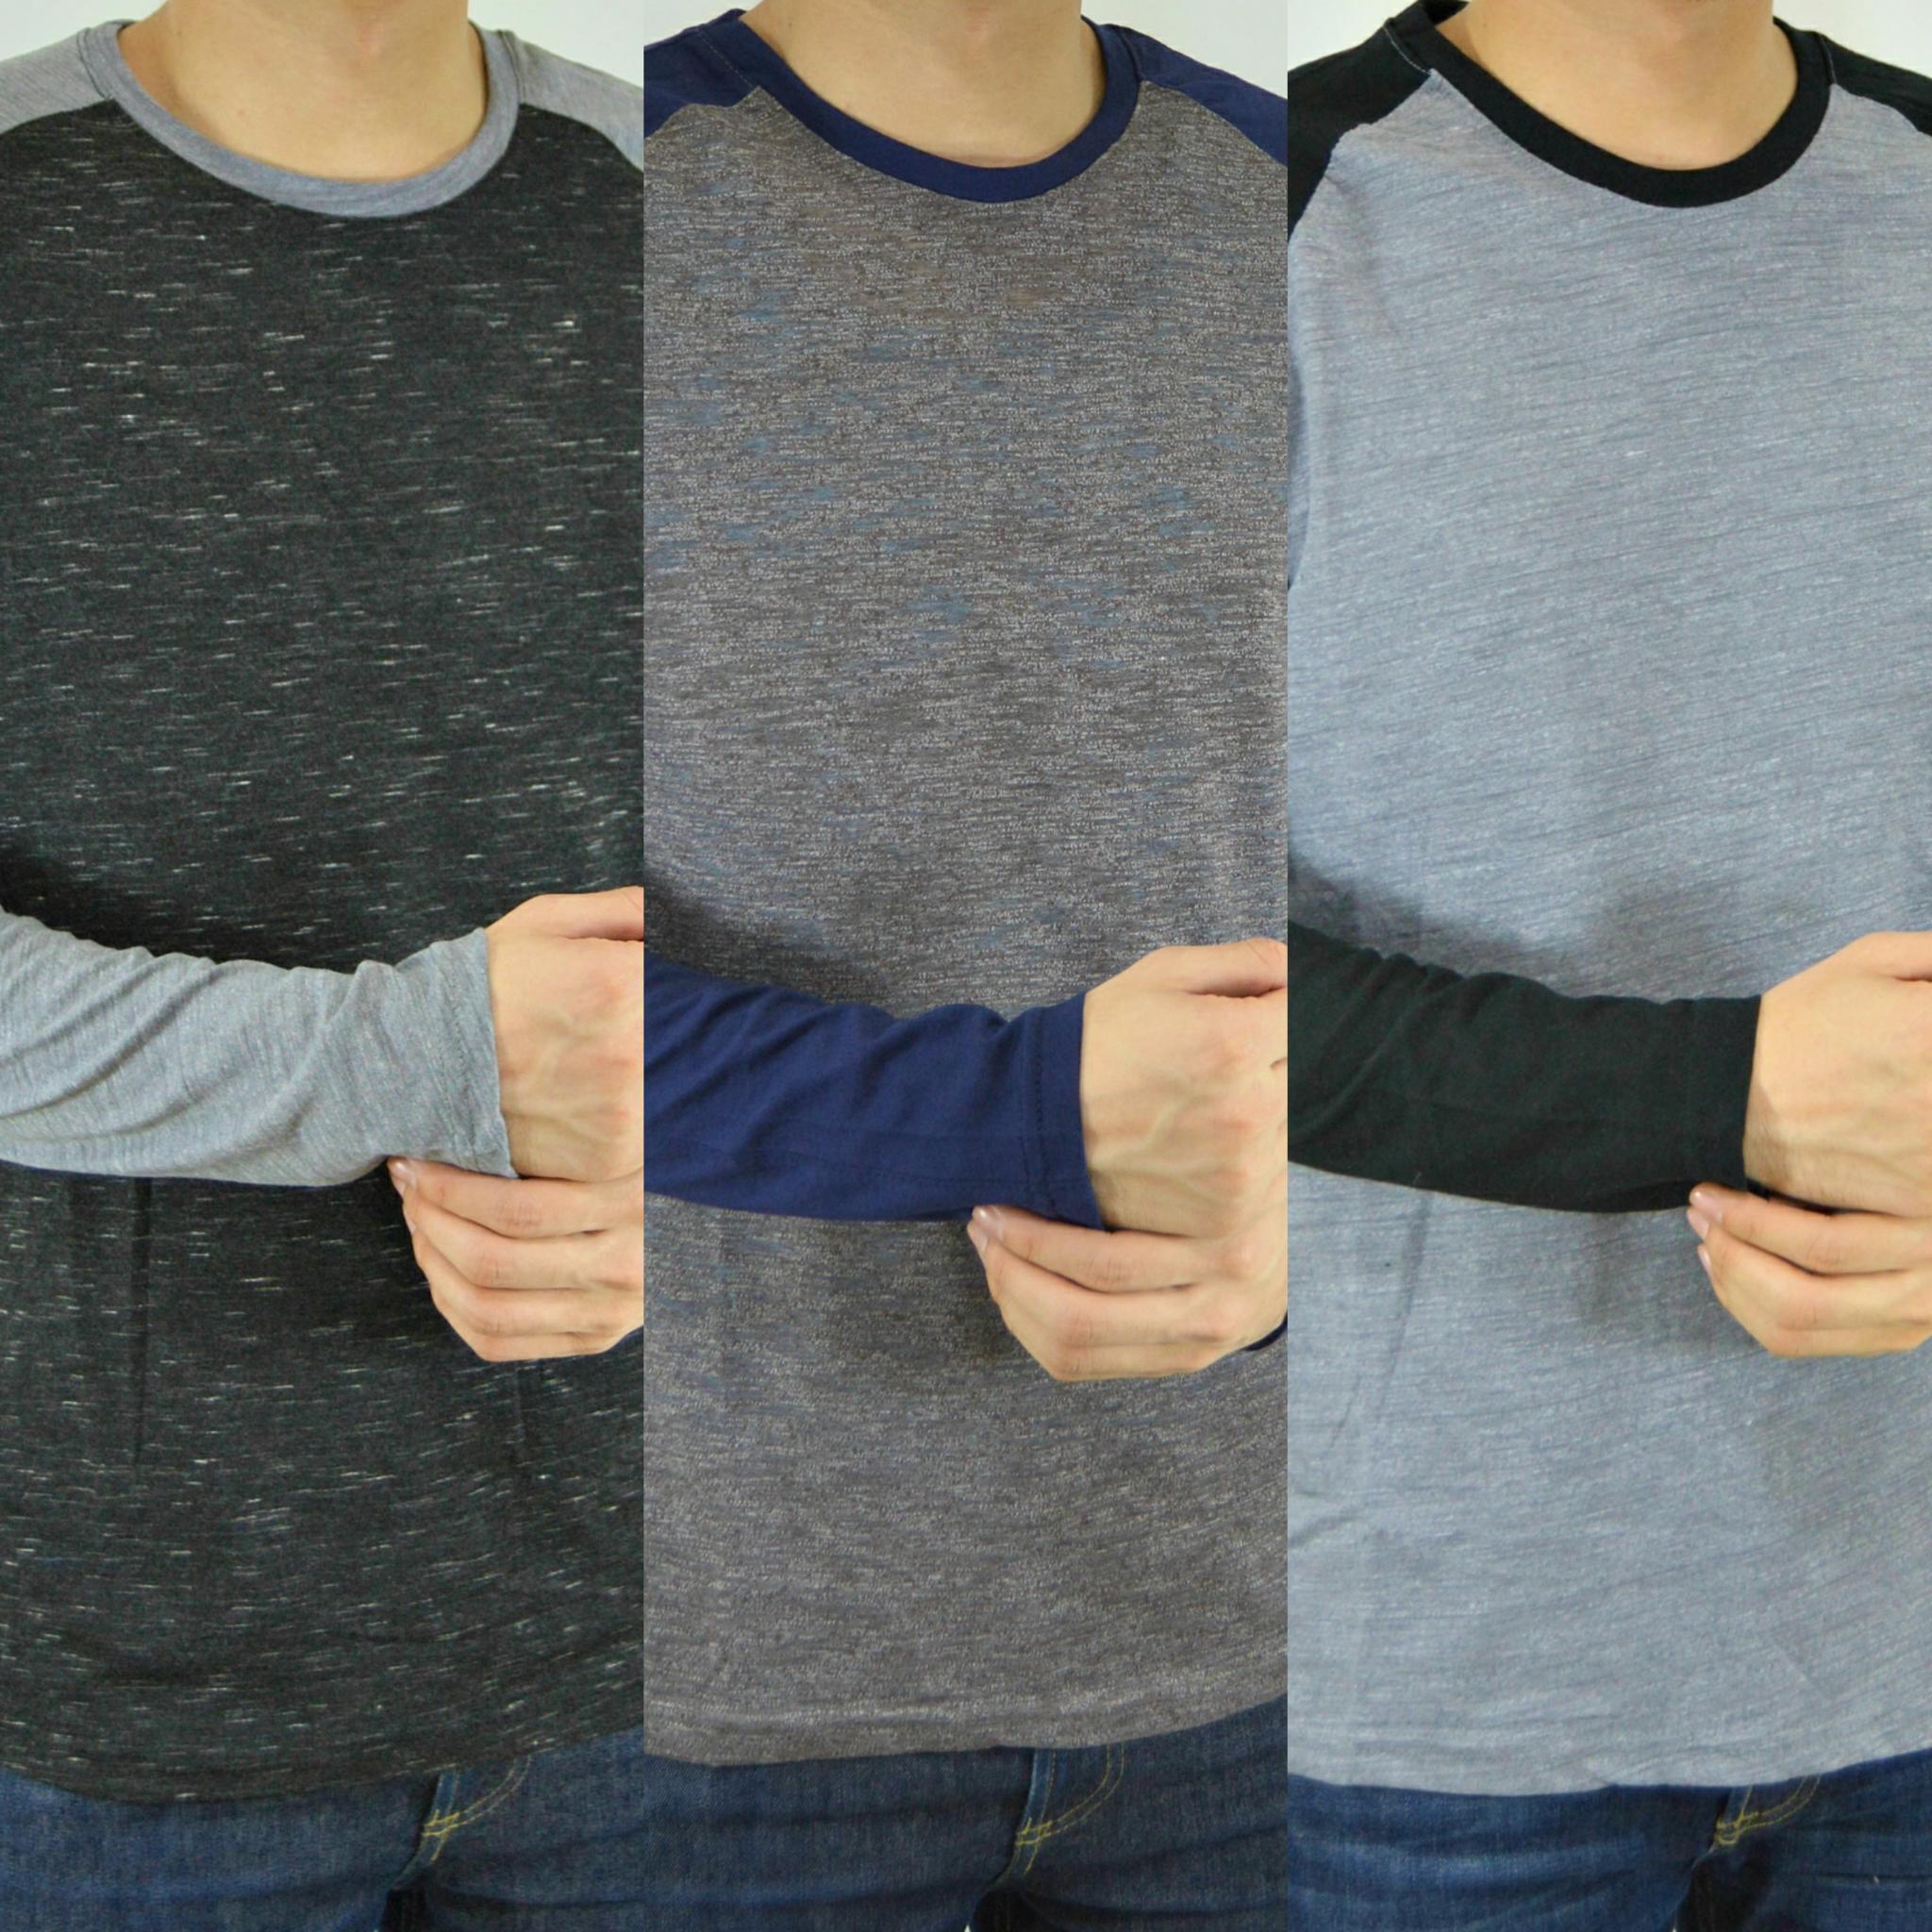 Kaos Lengan Panjang Pria Sweatshirt Sweater Baju Cowok Atlantis Ethnic Ls P2 137 Man Shirt Polos Polosan Tangan